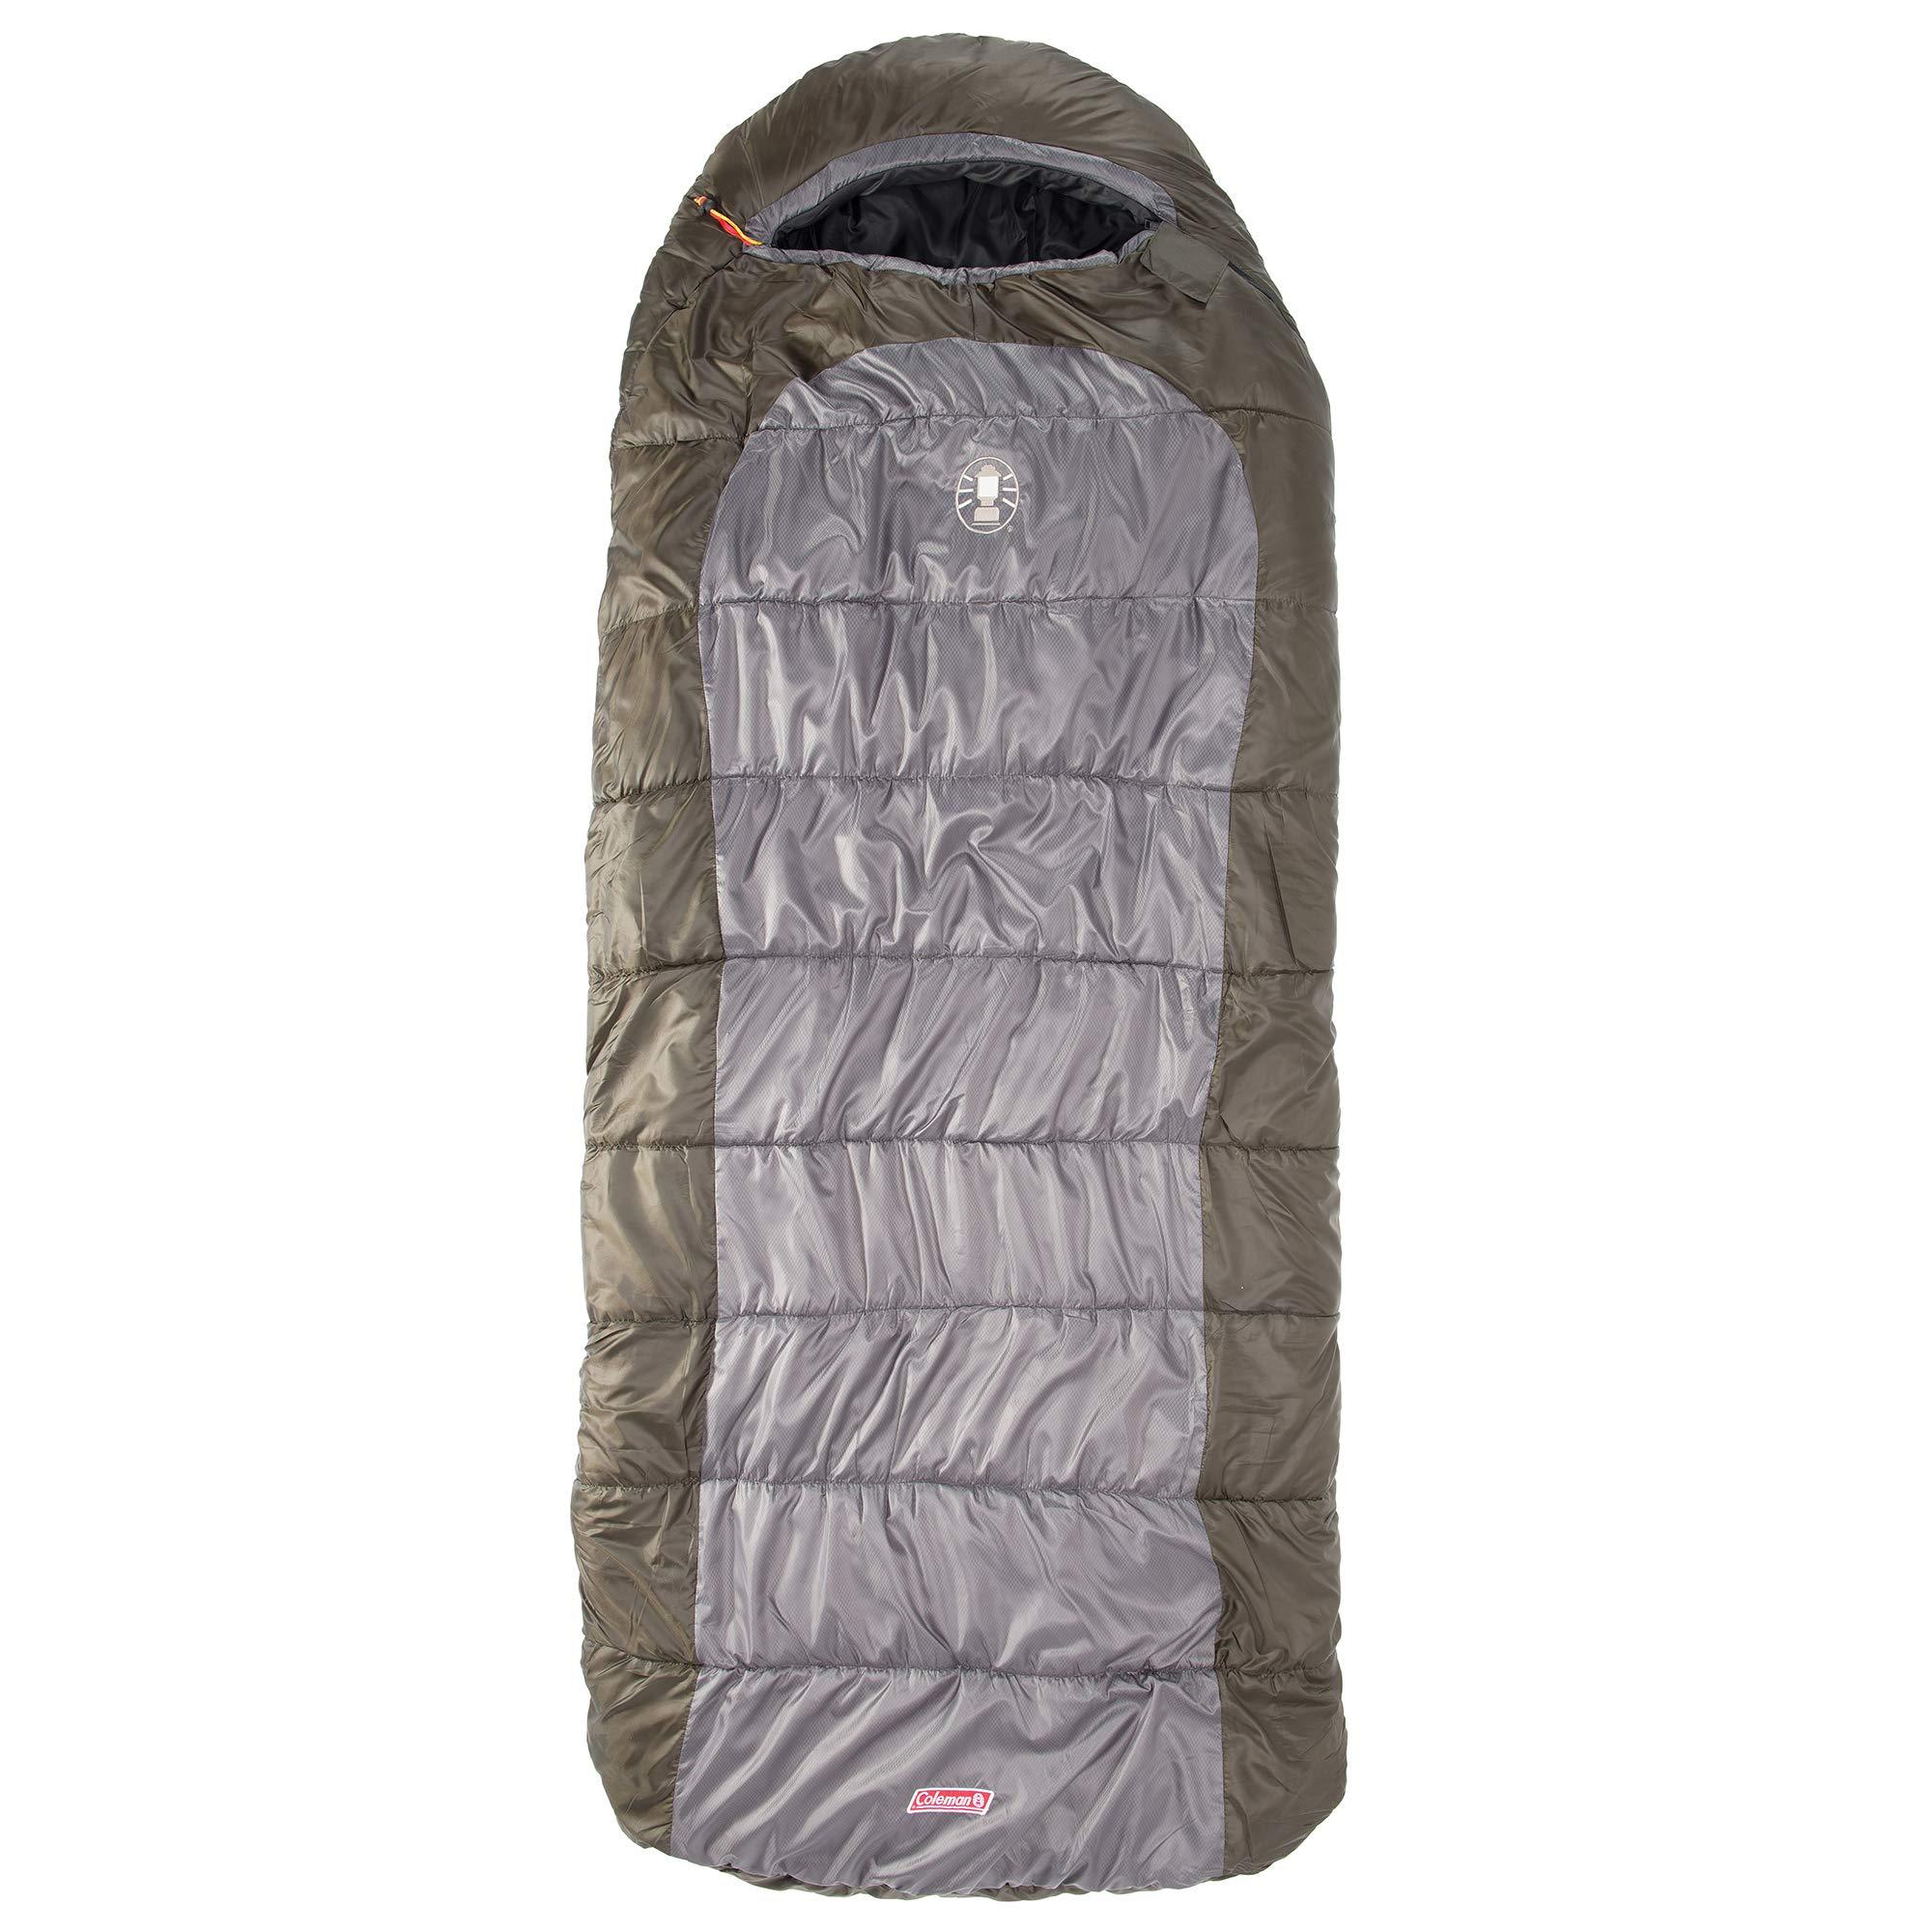 Coleman Big Basin 15 Big and Tall Adult Sleeping Bag by Coleman